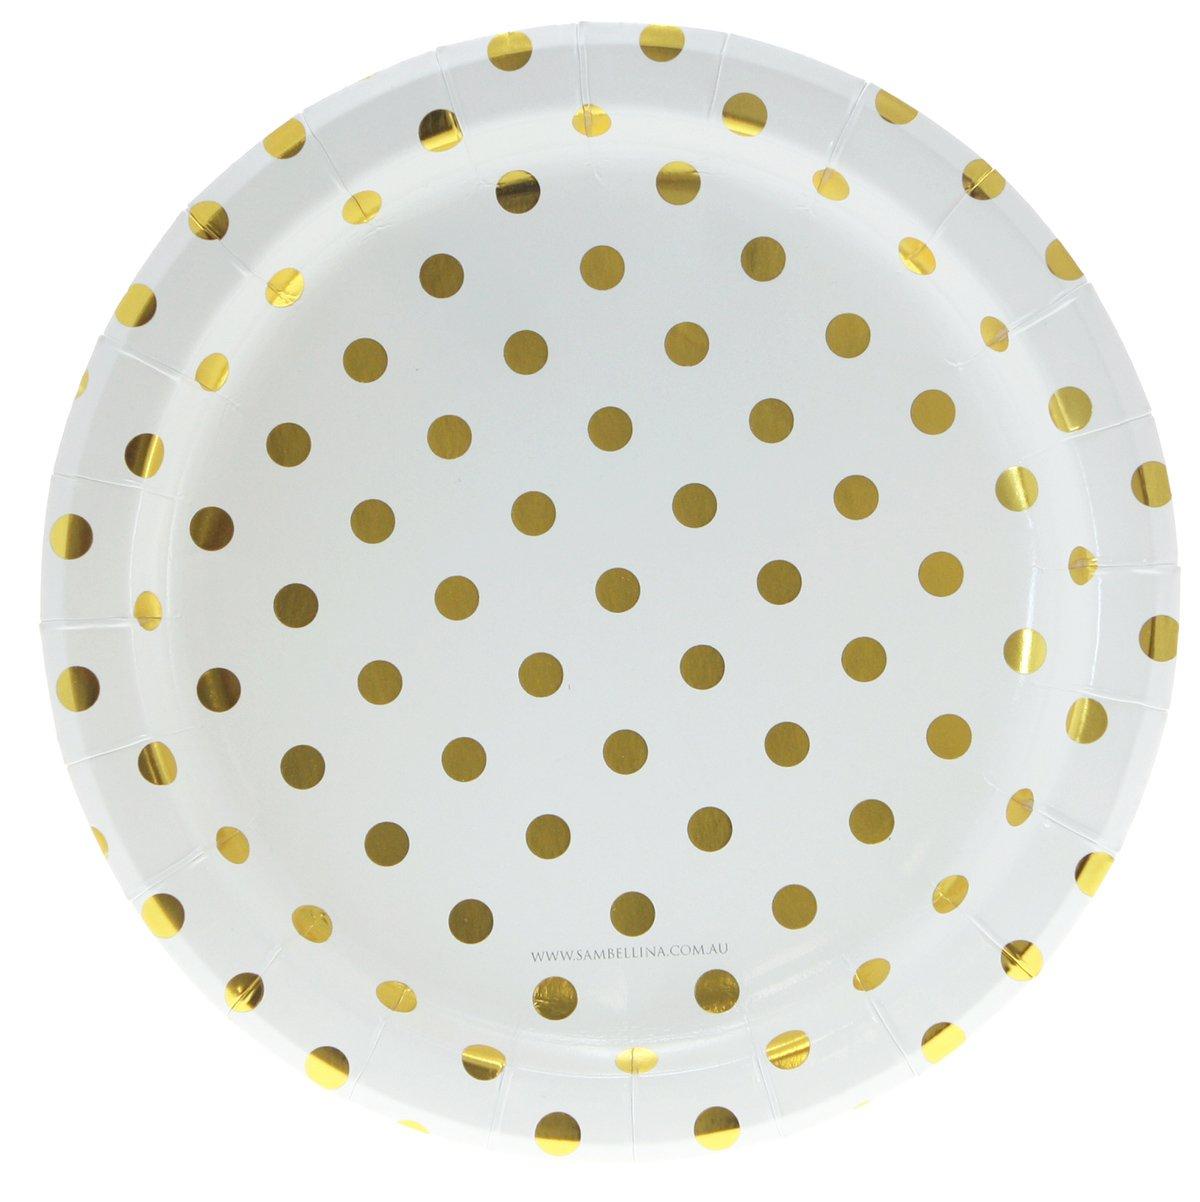 12 Pappteller in Weiß mit goldenen Punkten - Polkadot Gold - Punkte Pappteller Sambellina